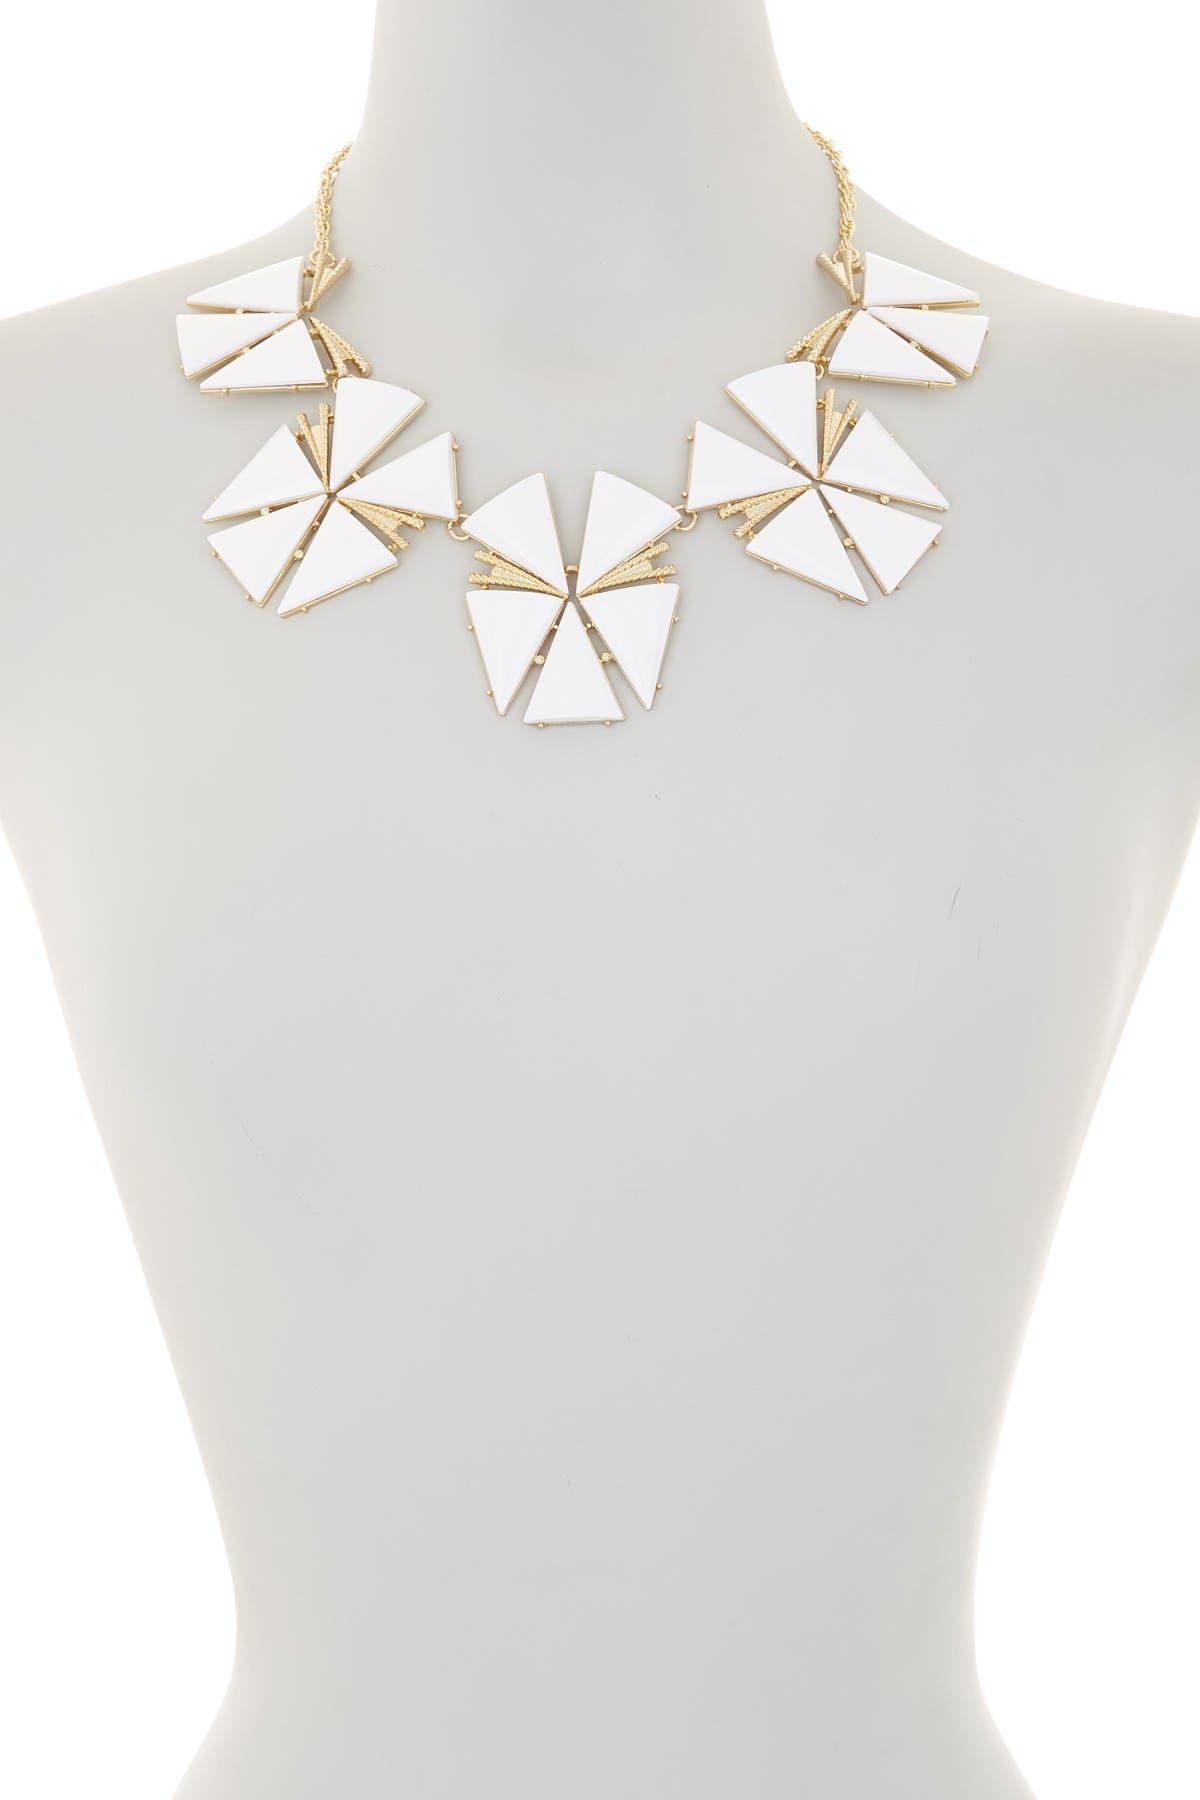 Image of Trina Turk Geo Flower Statement Necklace